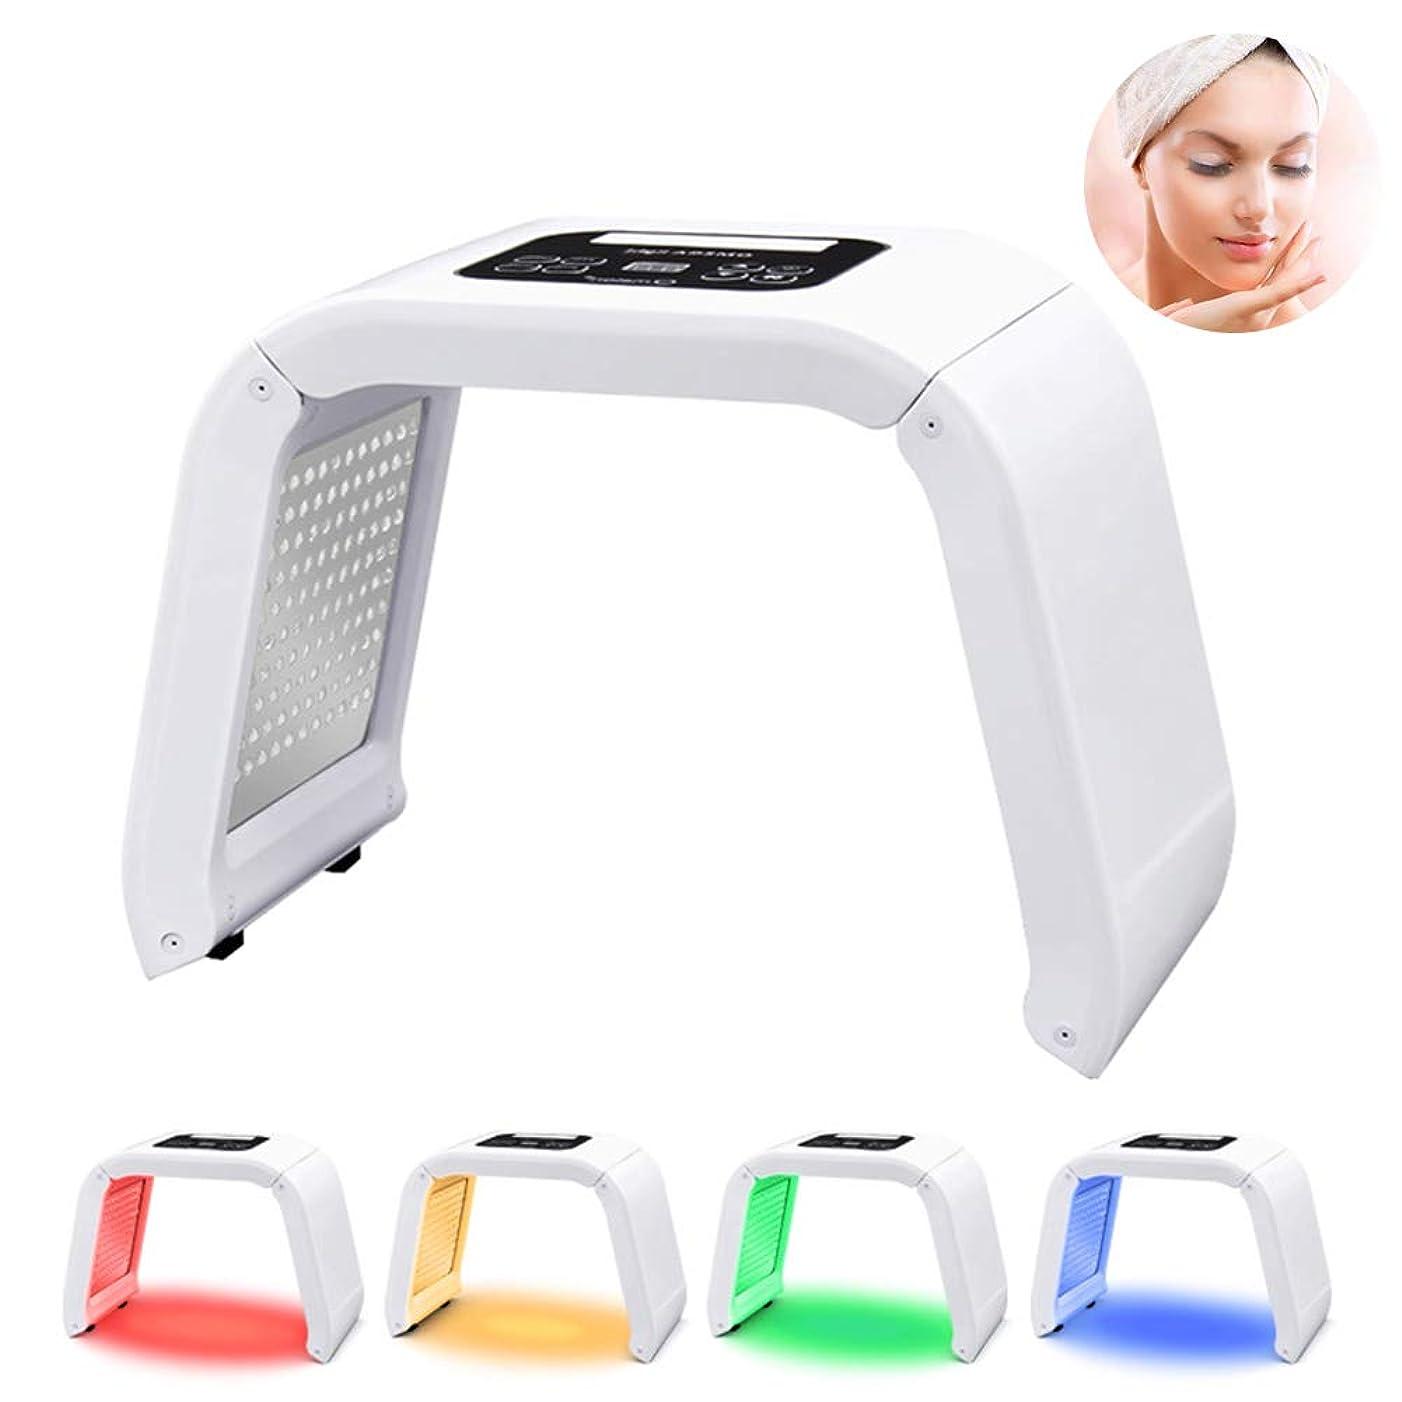 険しいリーできたPDT 4-In-1 LEDライト光線療法電気スキンケア美容装置家庭用多機能体の美容スキンケア分光器のマシン女性のための完璧なギフト